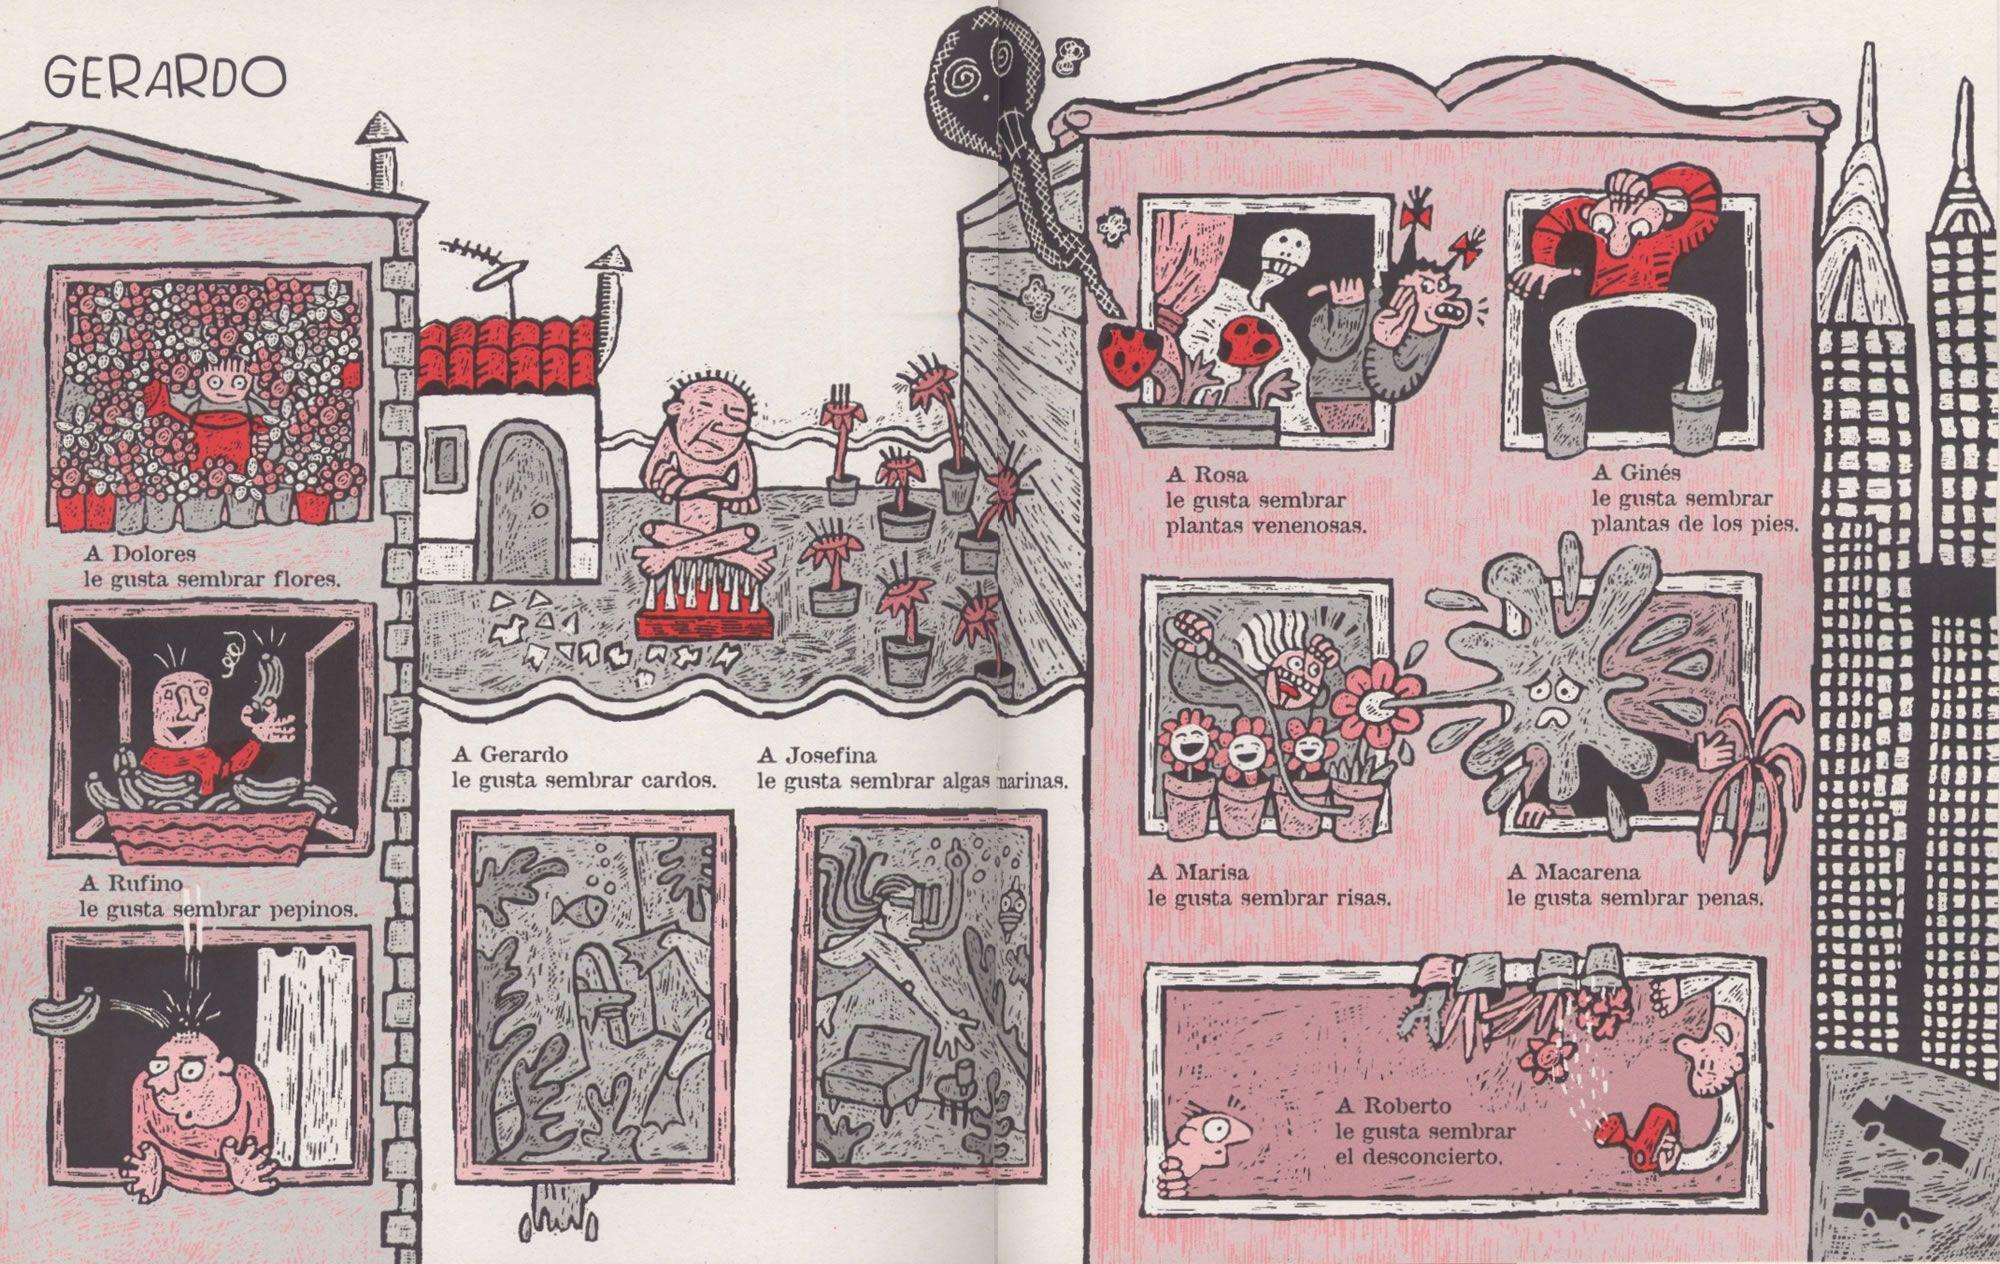 #gerardo-de-carmen-#santonja-ilustrado-por-carlos-#ortin -  https://darabuc.wordpress.com/2010/03/26/gerardo-de-carmen-santonja-ilustrado-por-carlos-ortin/